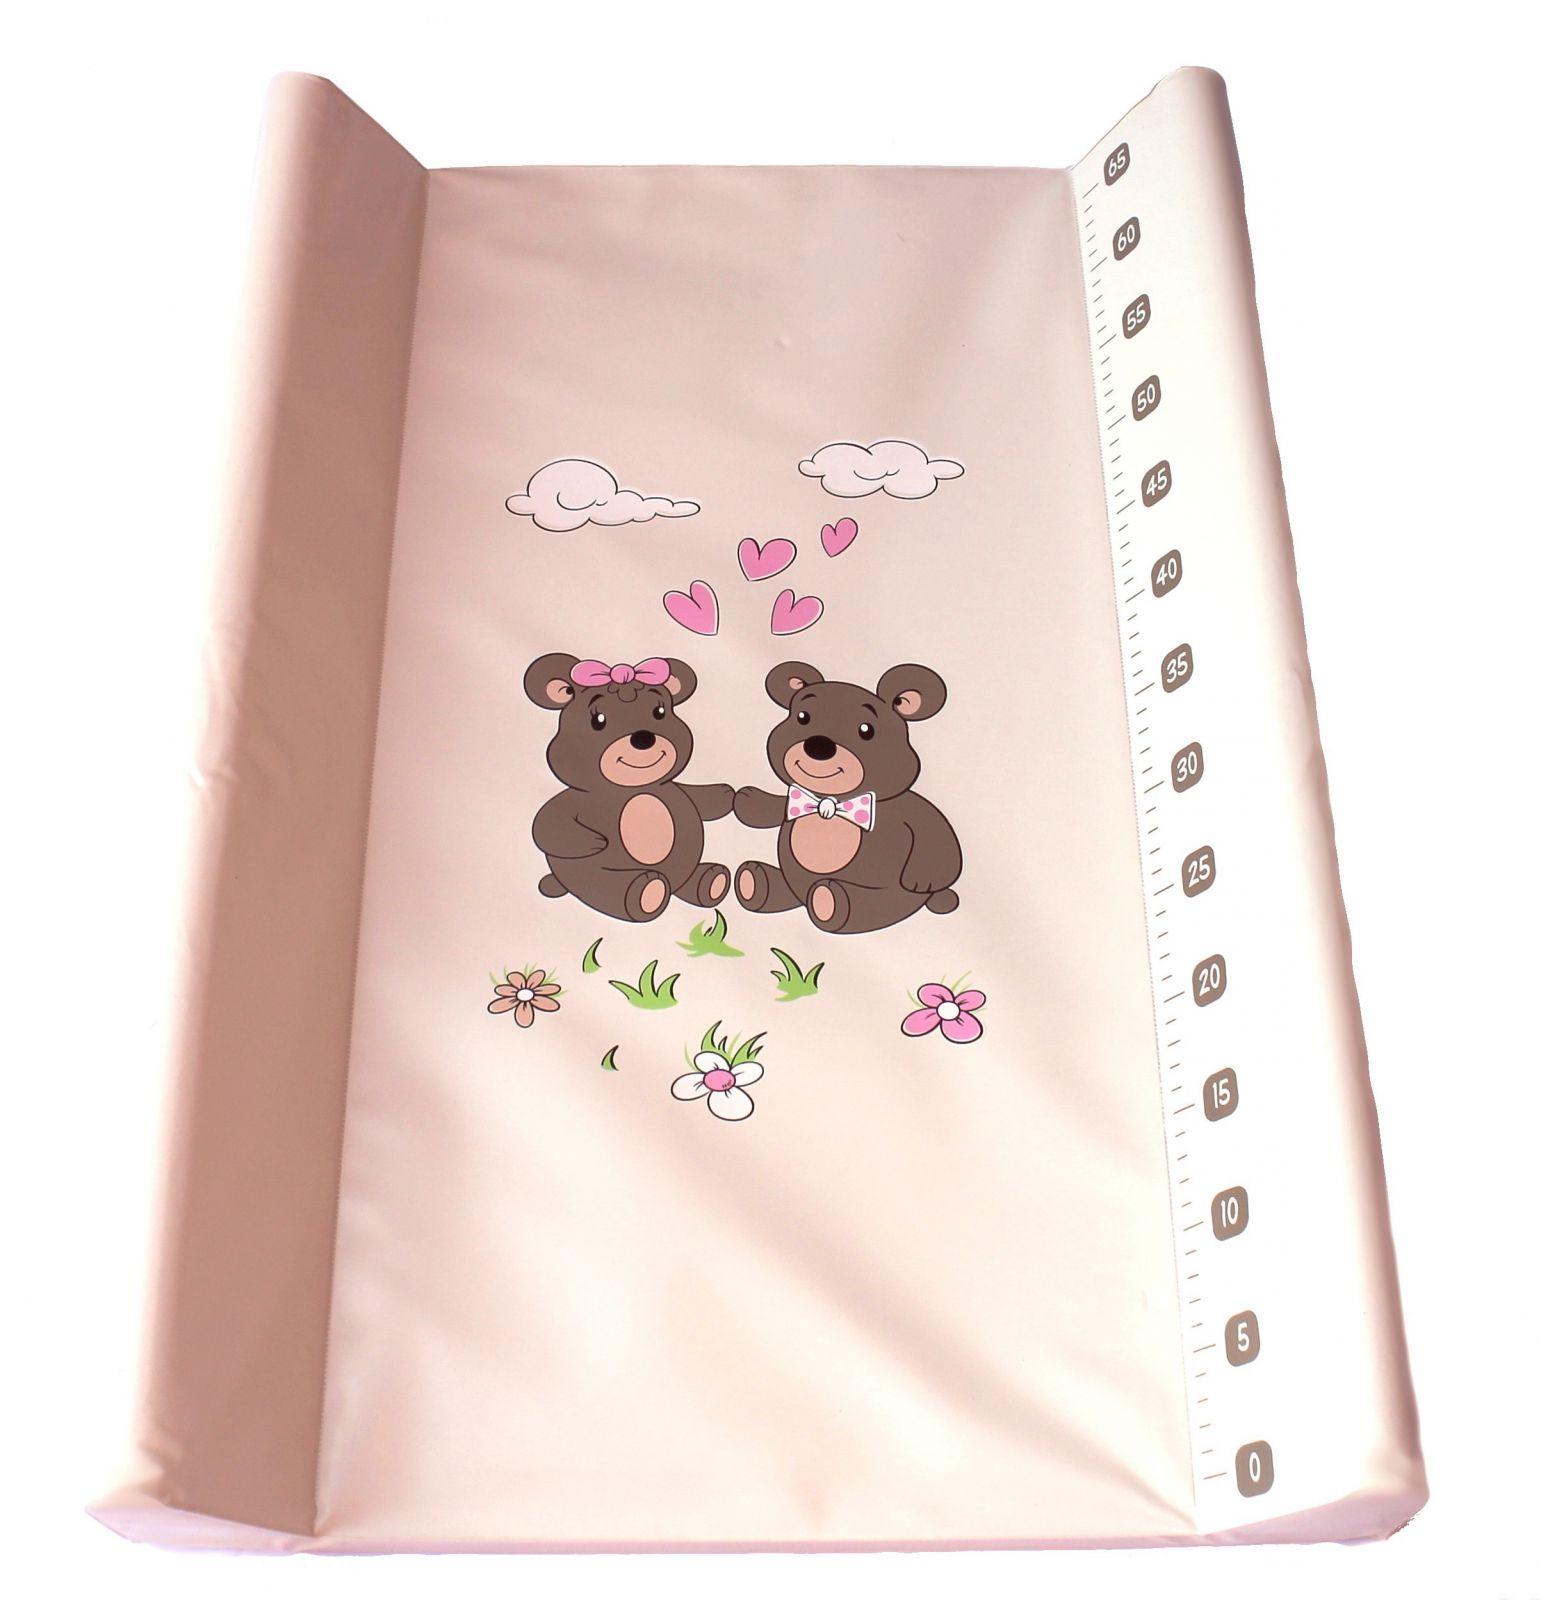 Přebalovací podložka Baby sky měkká 50x70 cm béžová medvídci